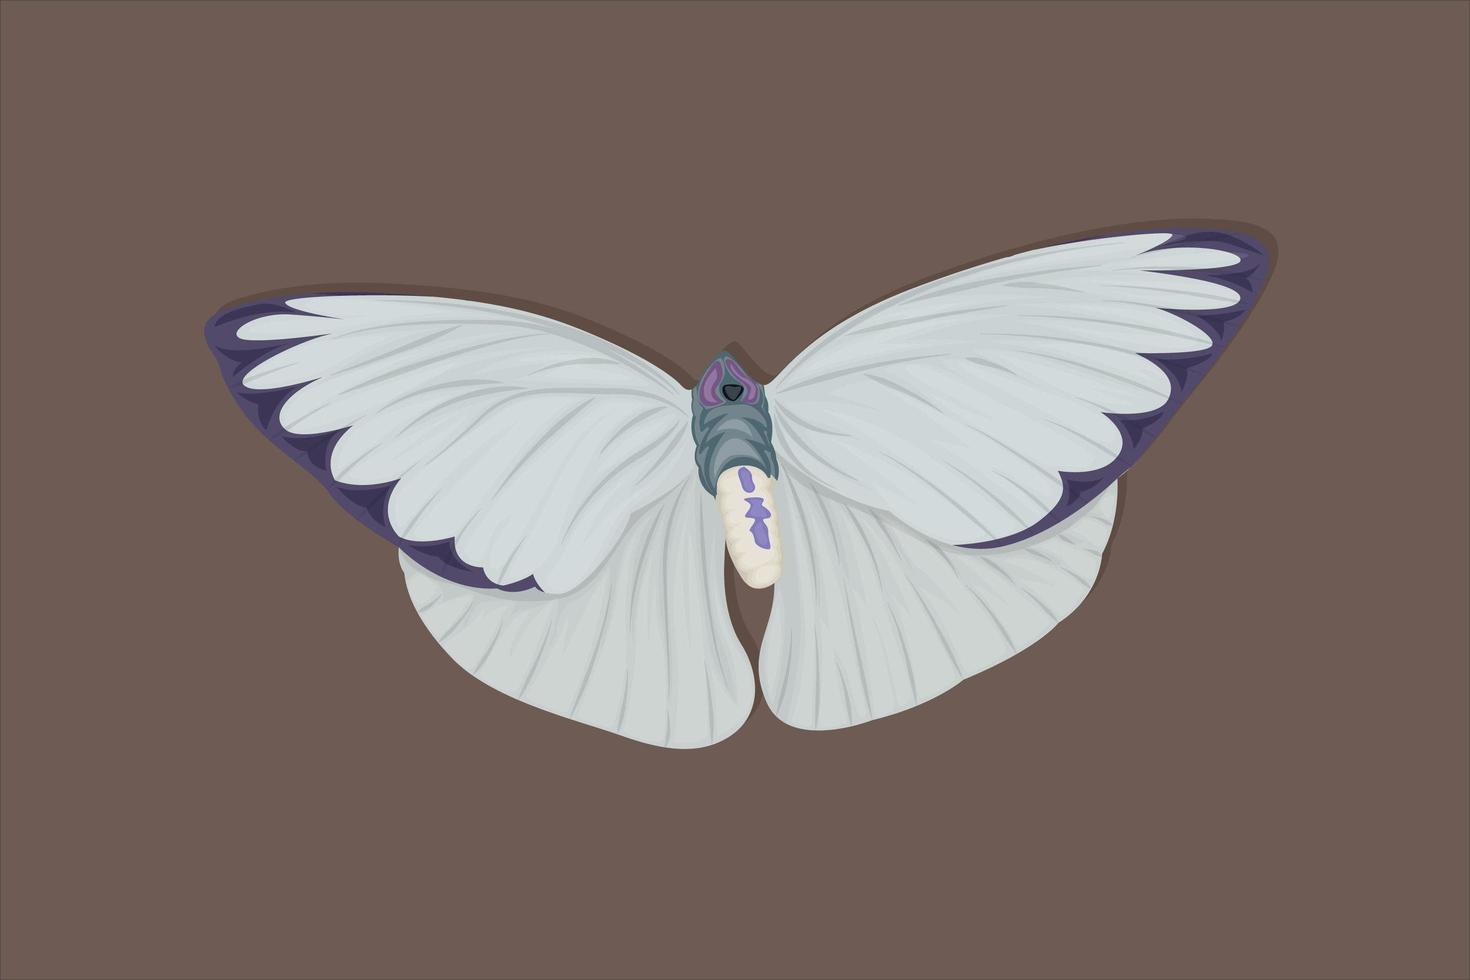 disegno realistico della mano della farfalla bianca e viola vettore